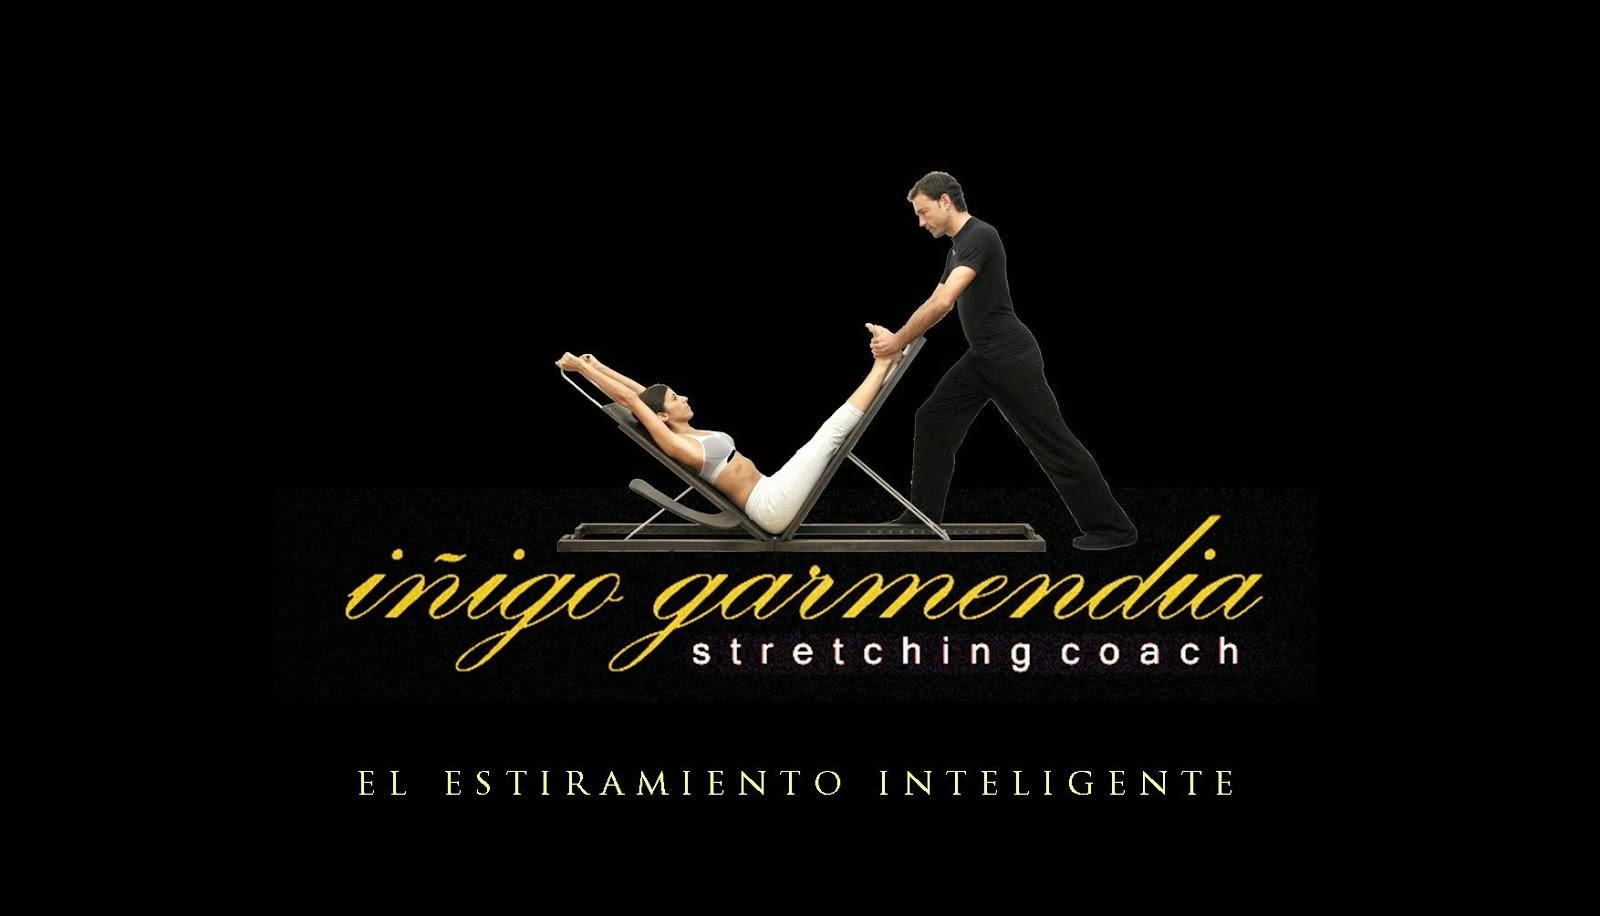 Iñigo Garmendia Stretching Coach. El estiramiento inteligente